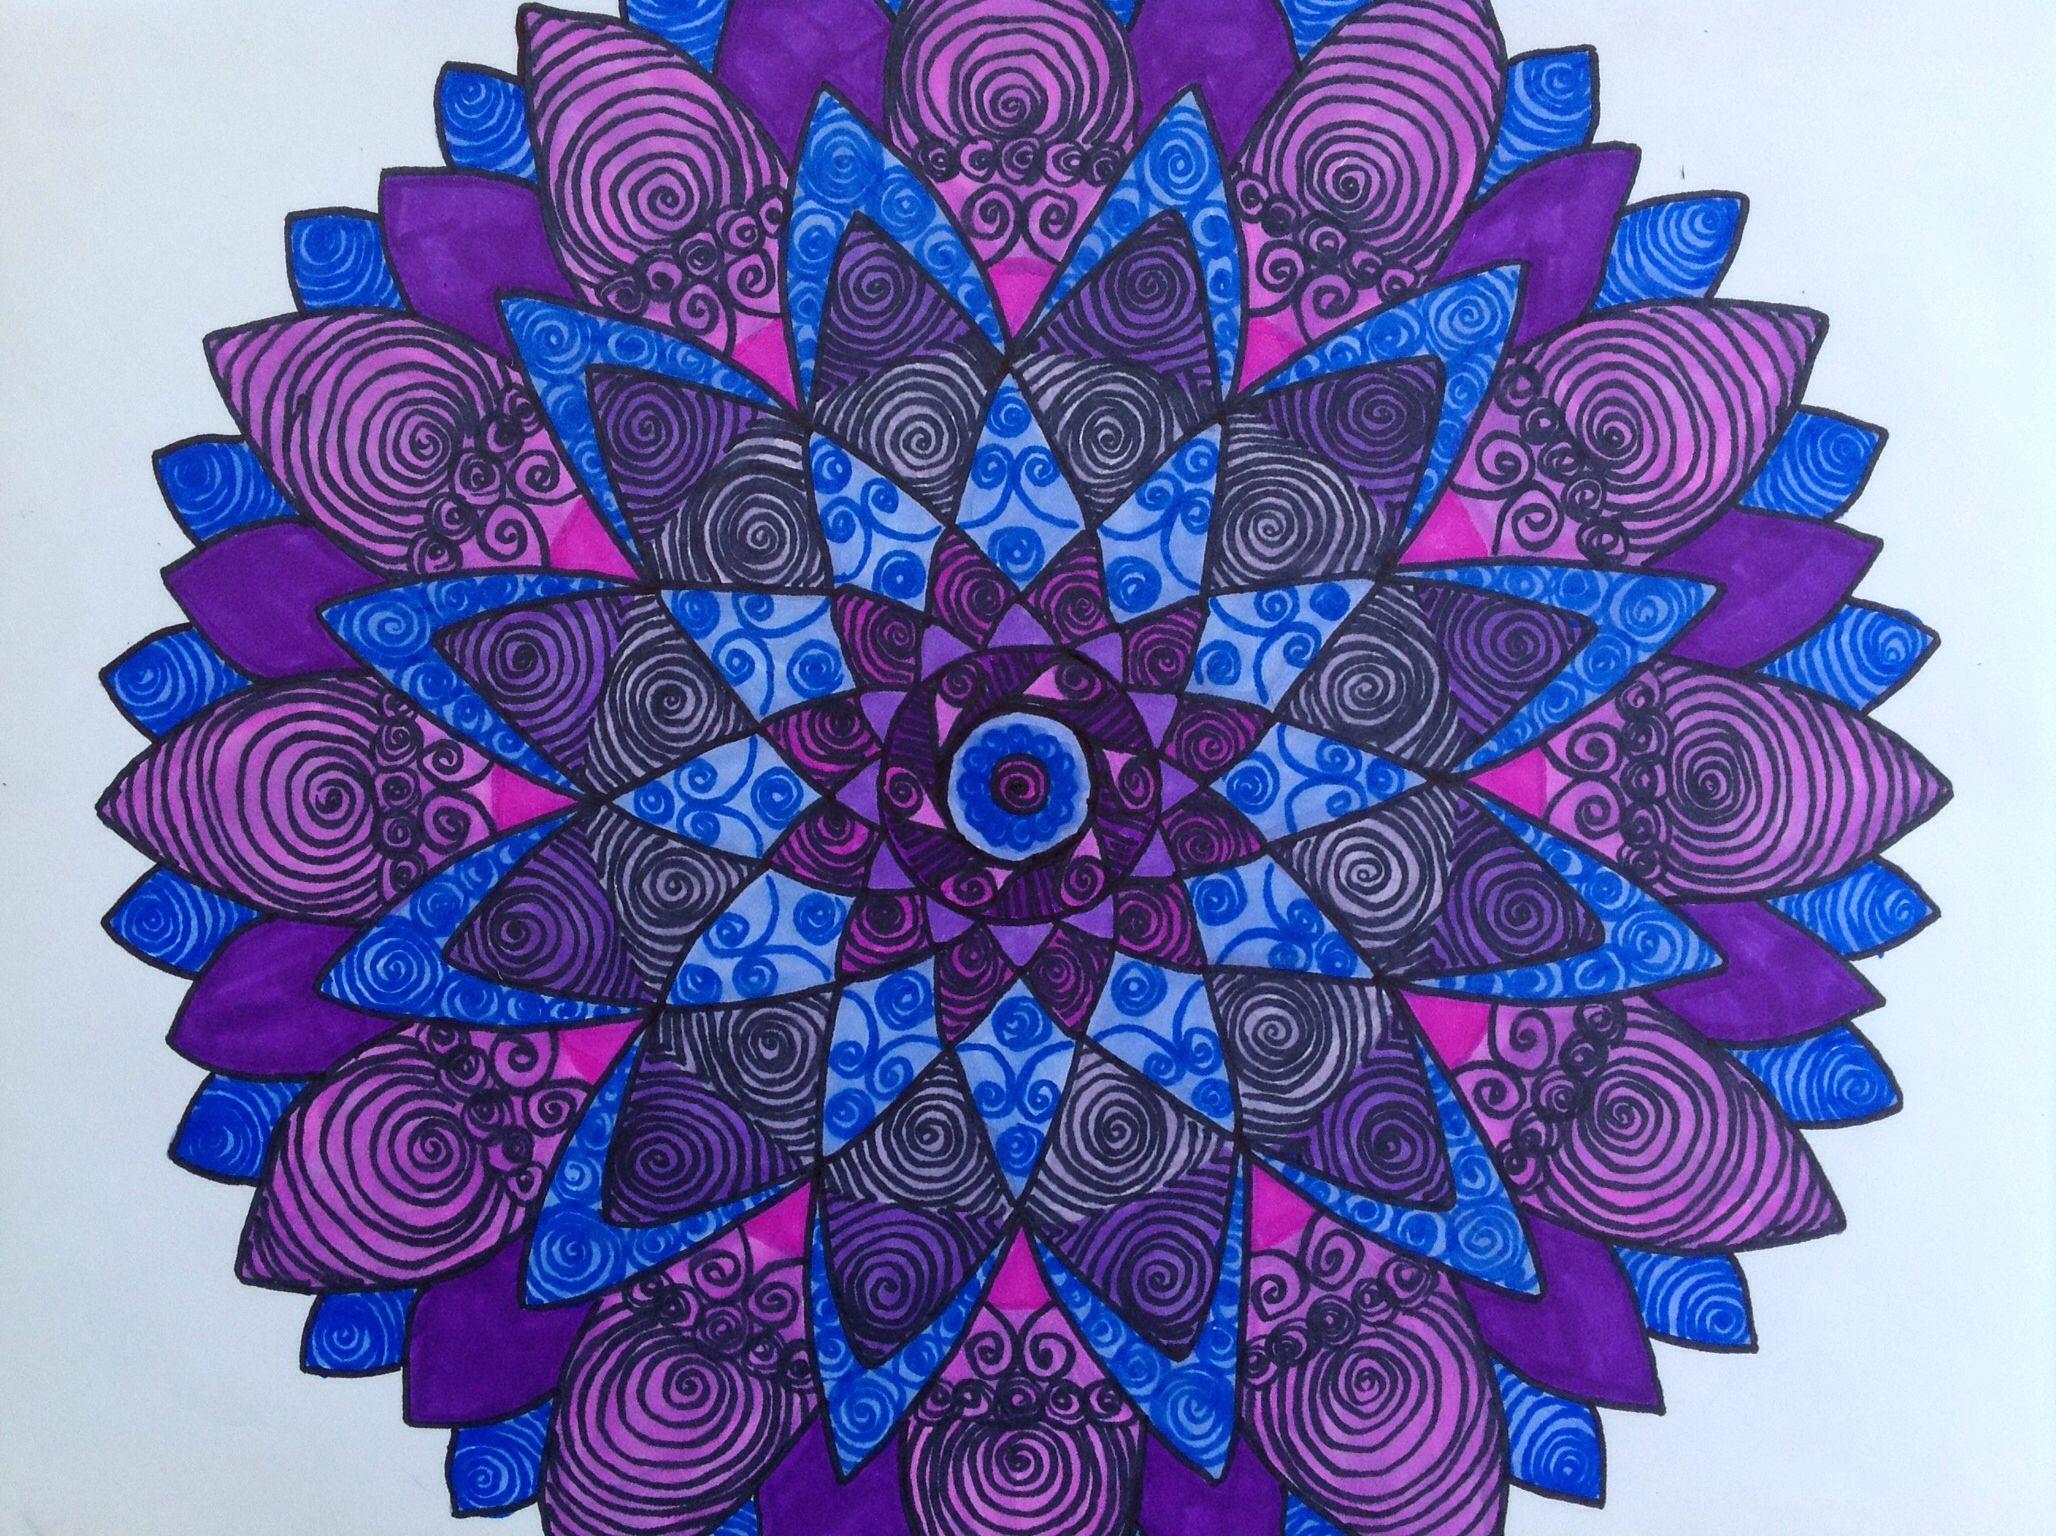 Swirl mandala by Laurie Allen